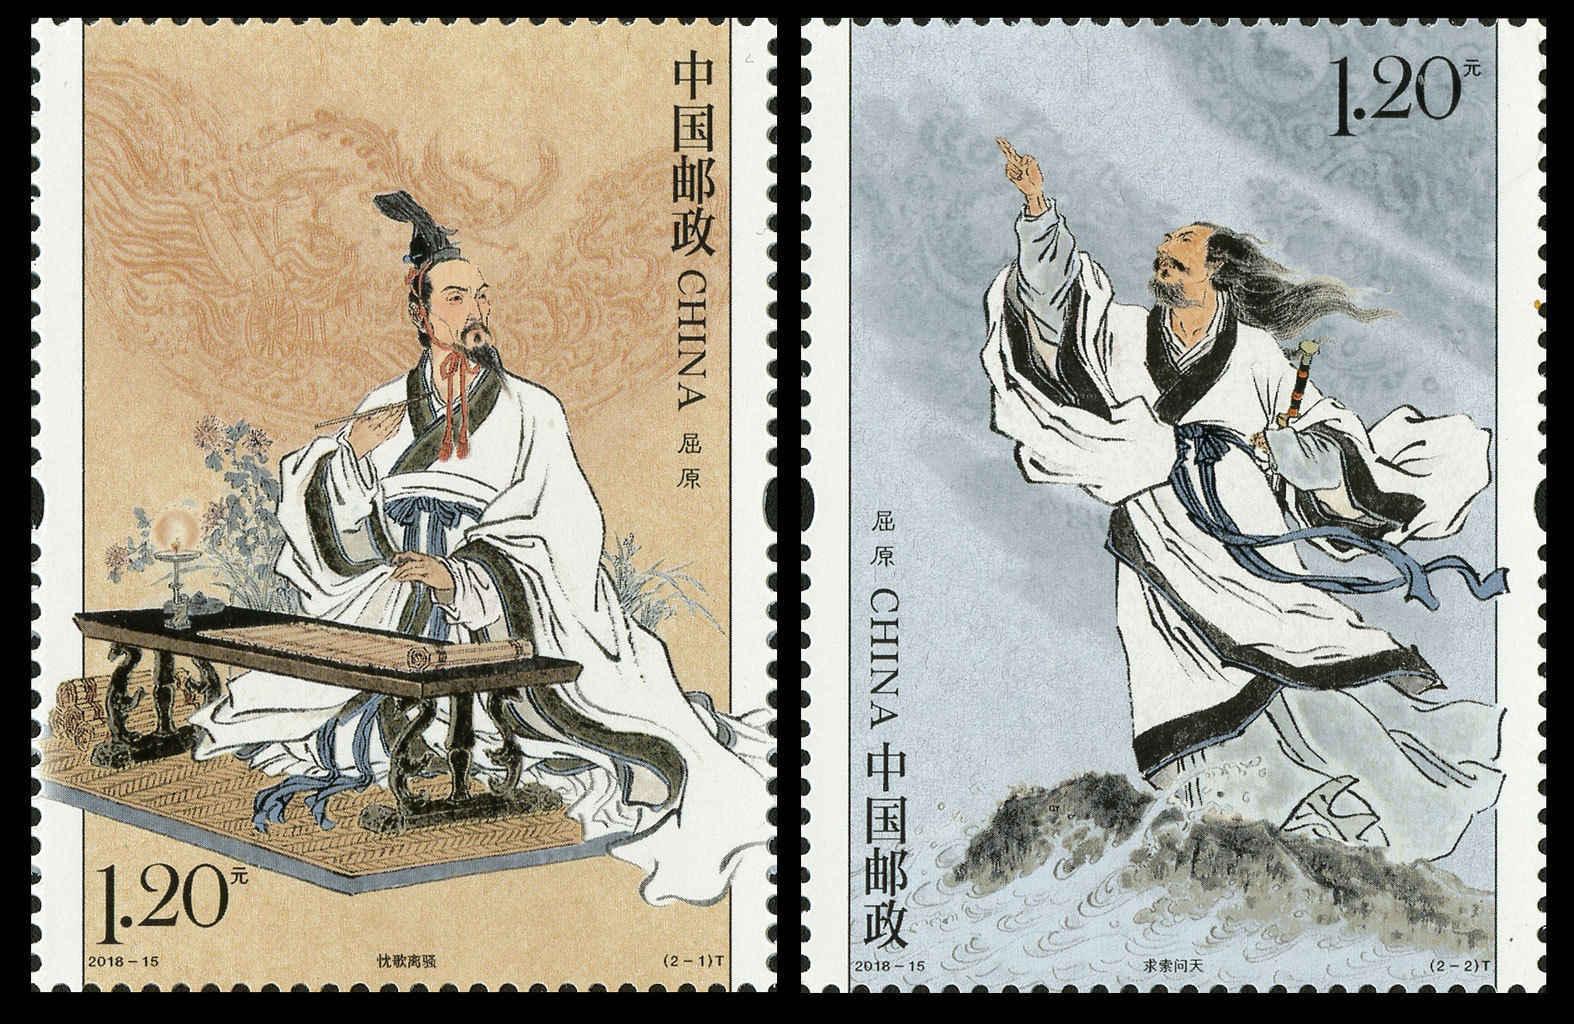 Nuevo sello de China 2018-15 Festival del Barco del Dragón conmemoración de qué yuanes MNH